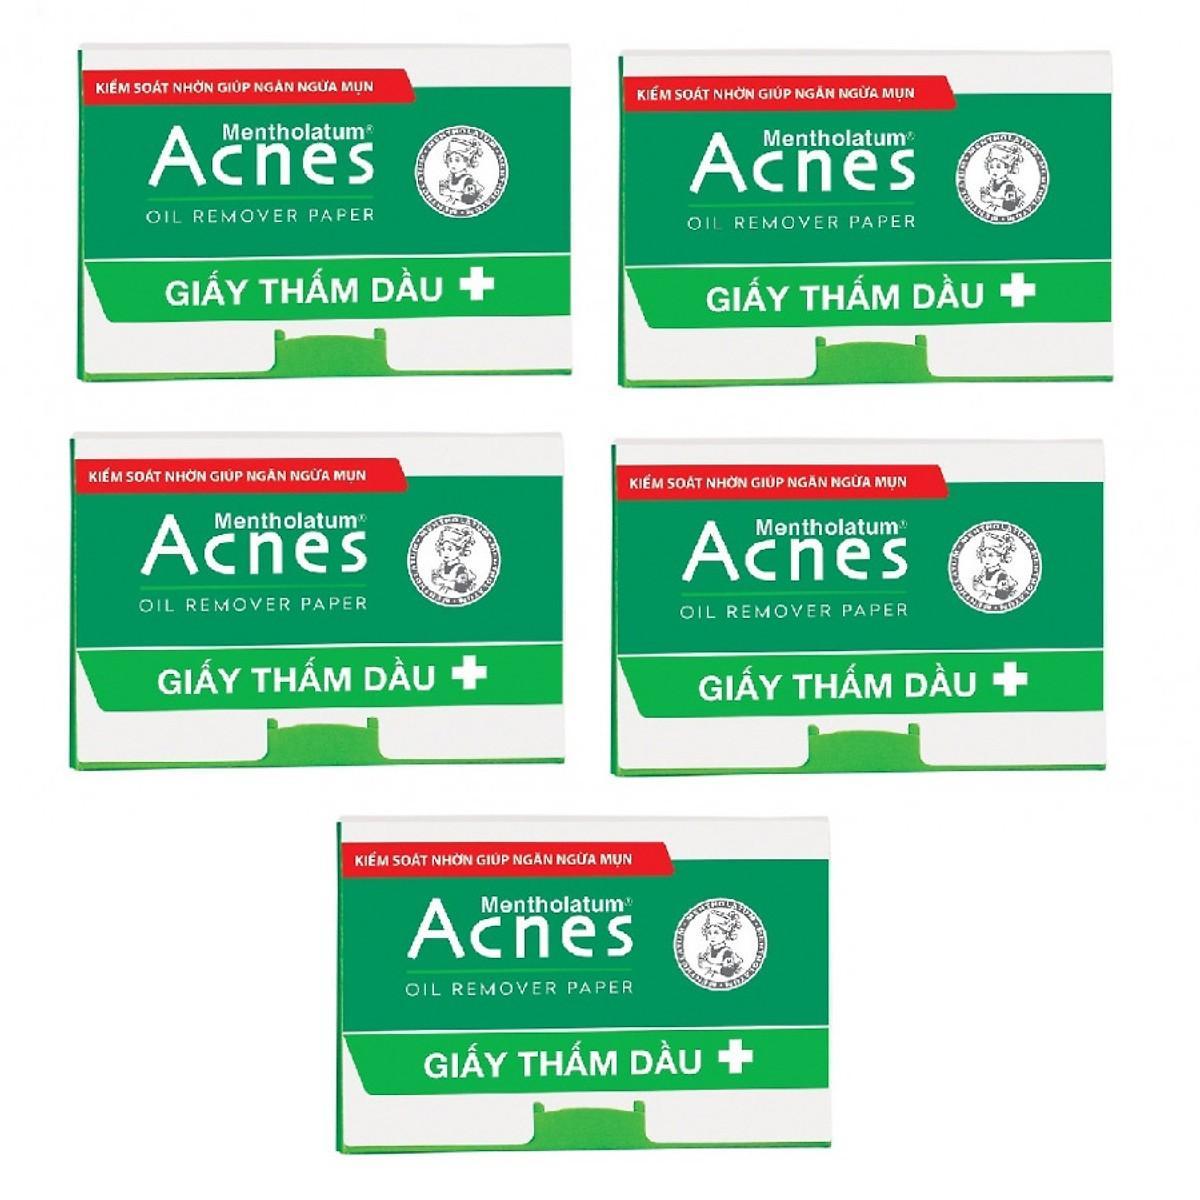 Combo 5 gói Giấy thấm dầu Acnes 50 tờ/ gói (hàng mẫu)